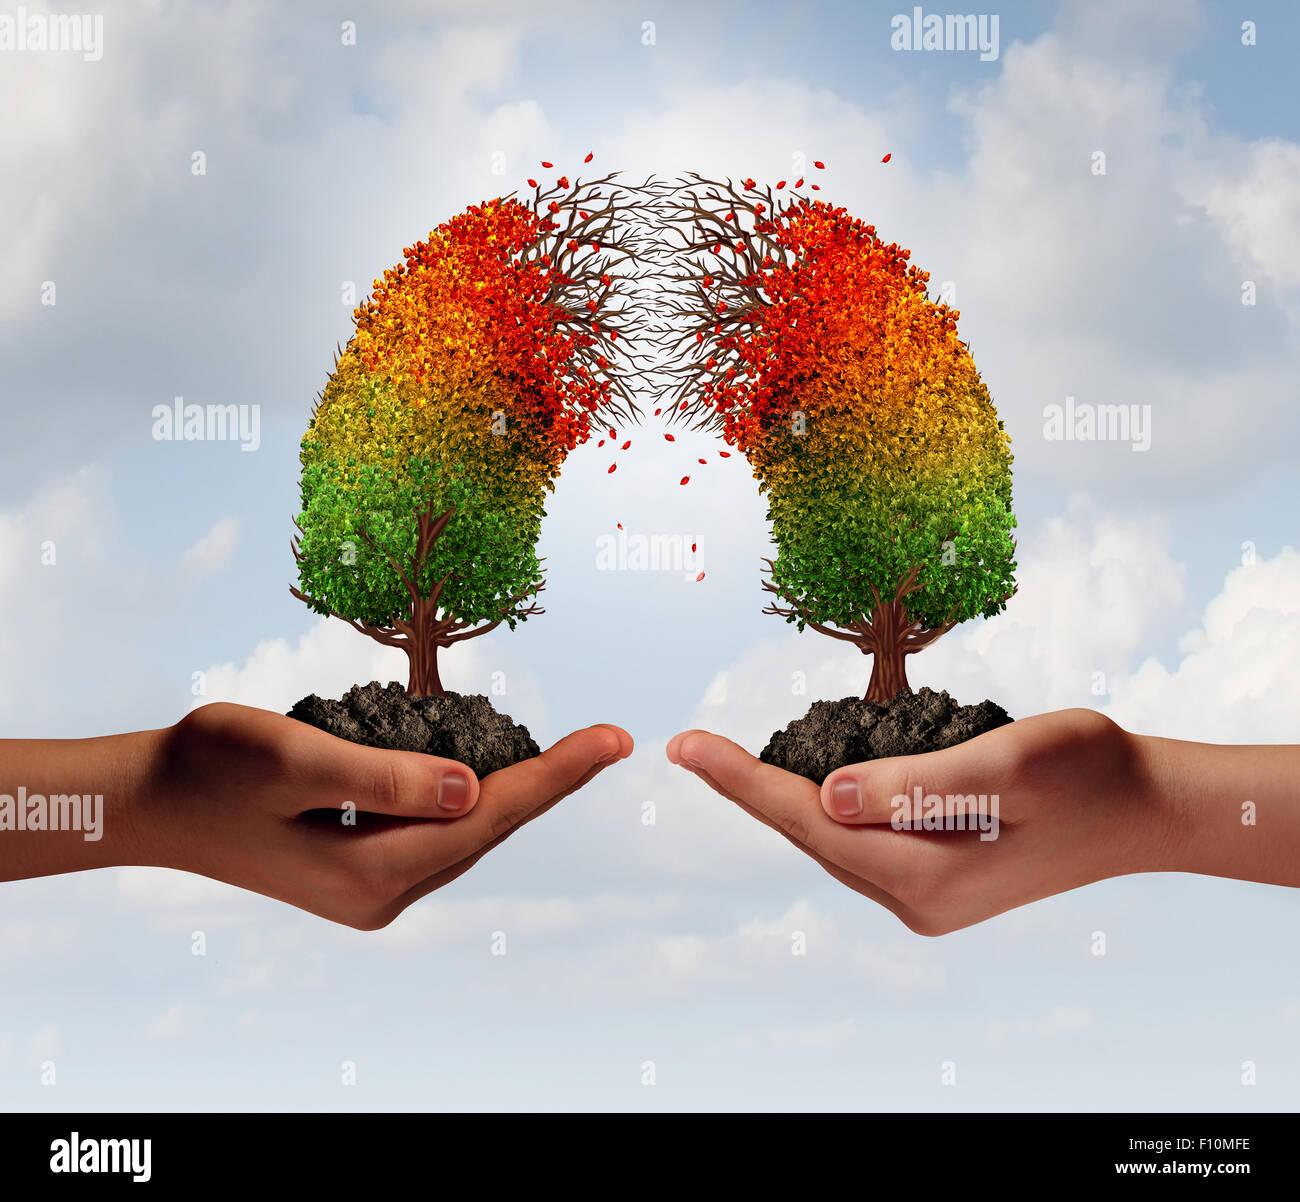 Partnership il concetto di crisi come due persone azienda collegata di alberi che stanno decadendo nel mezzo come Immagini Stock